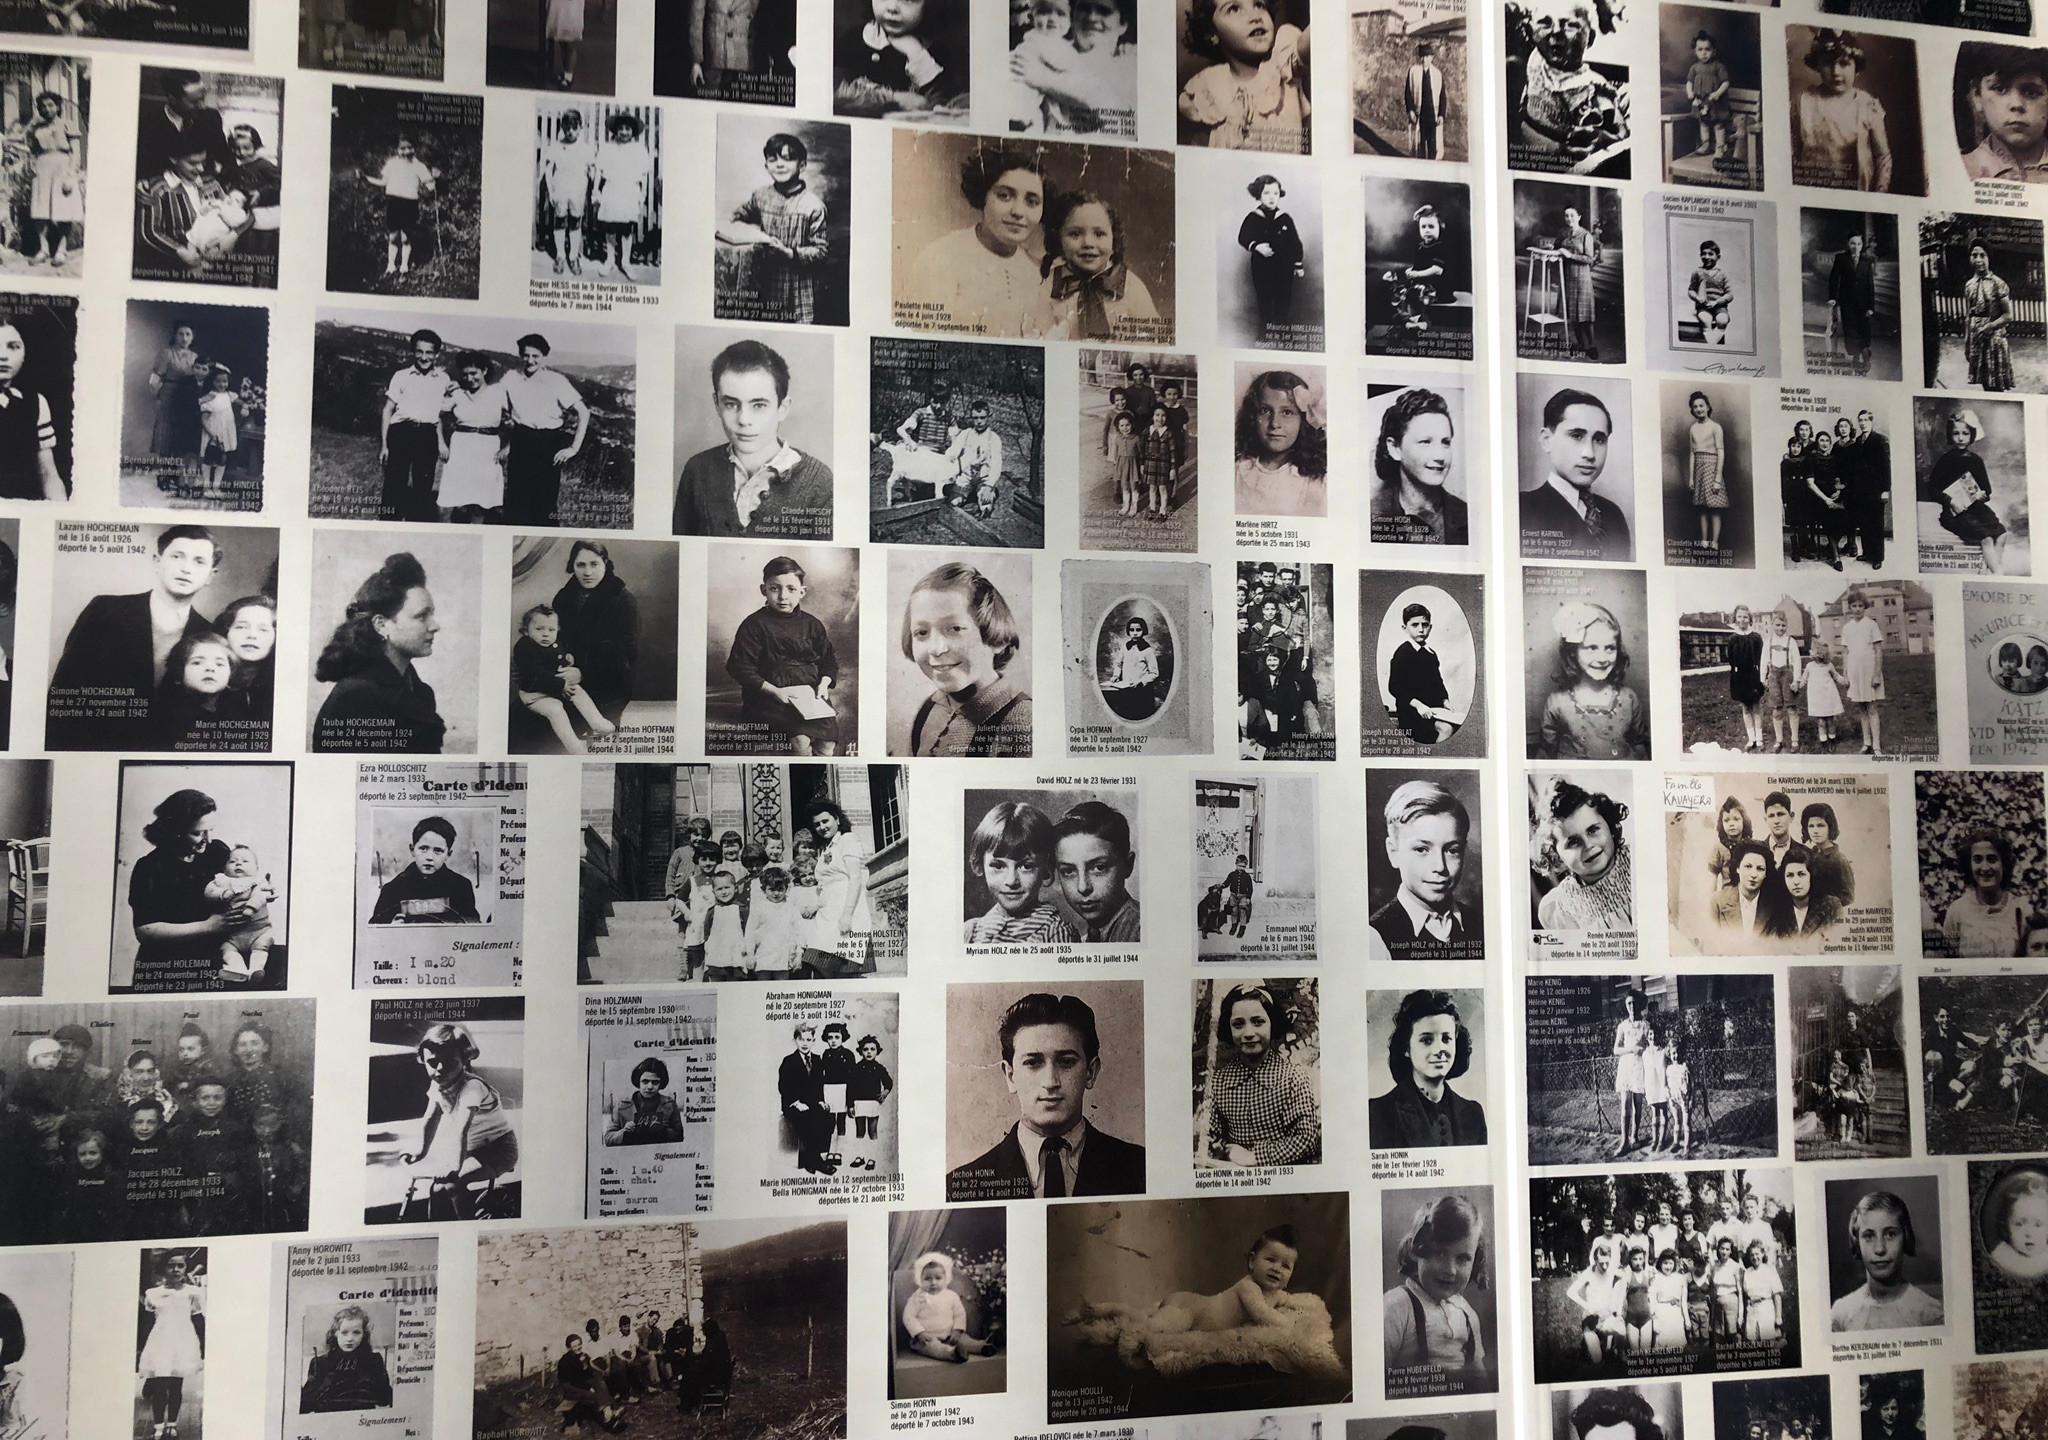 muséee_shoah1